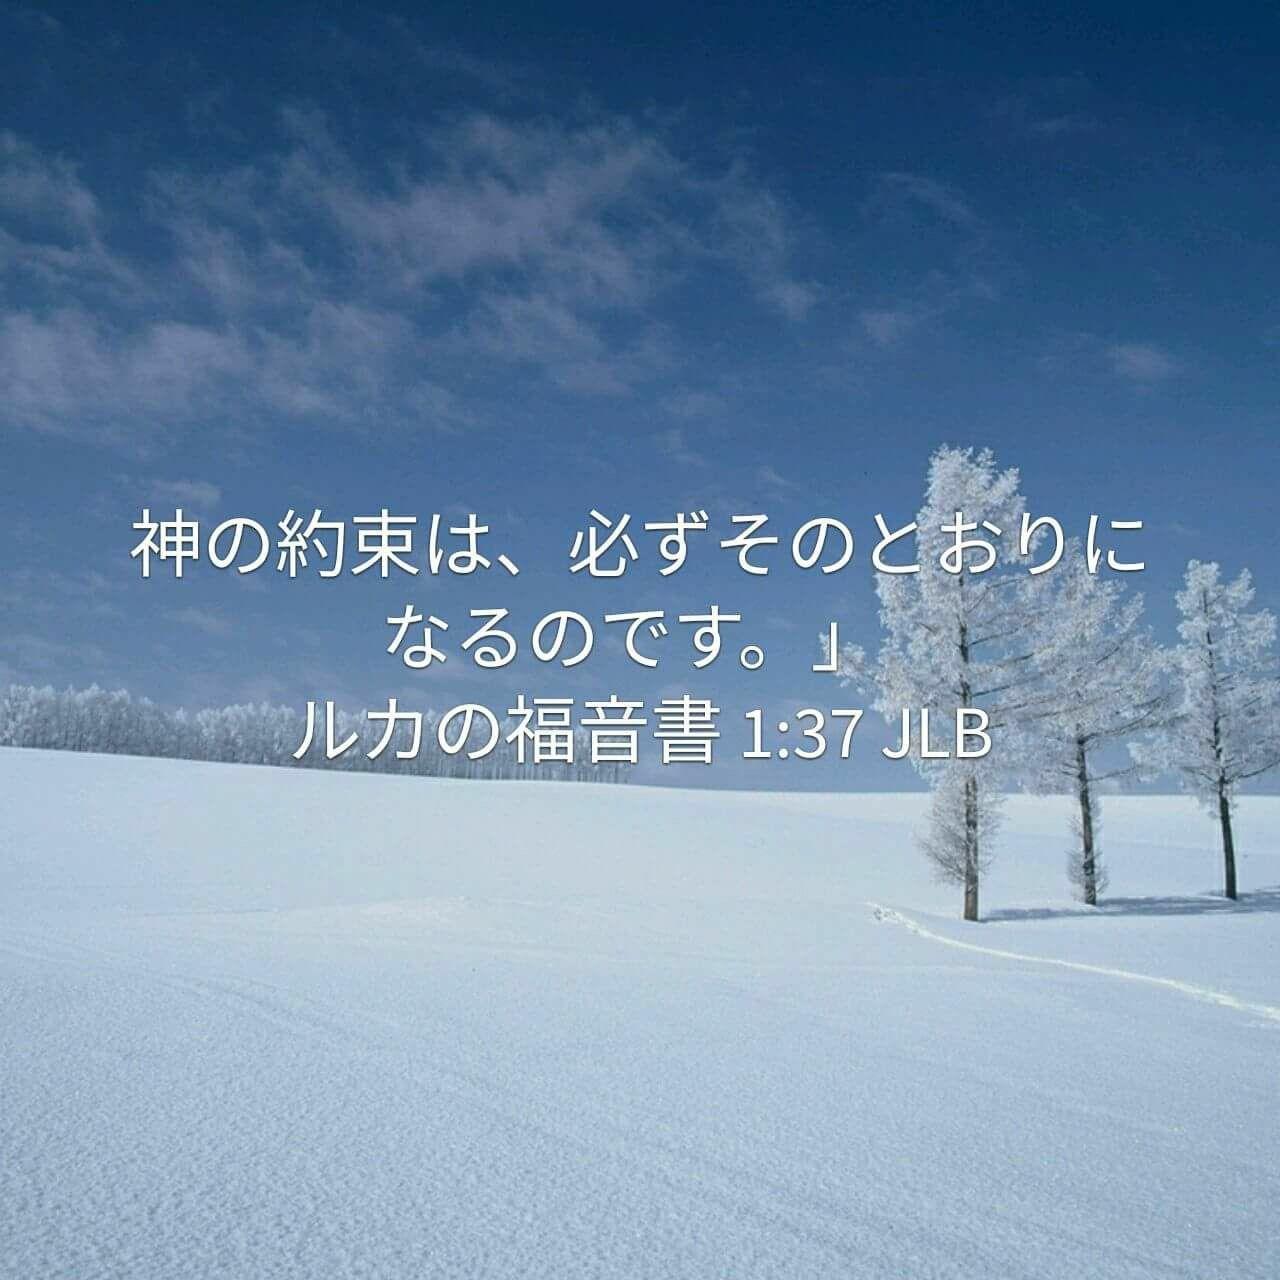 ☆おはようございます(^-^)/